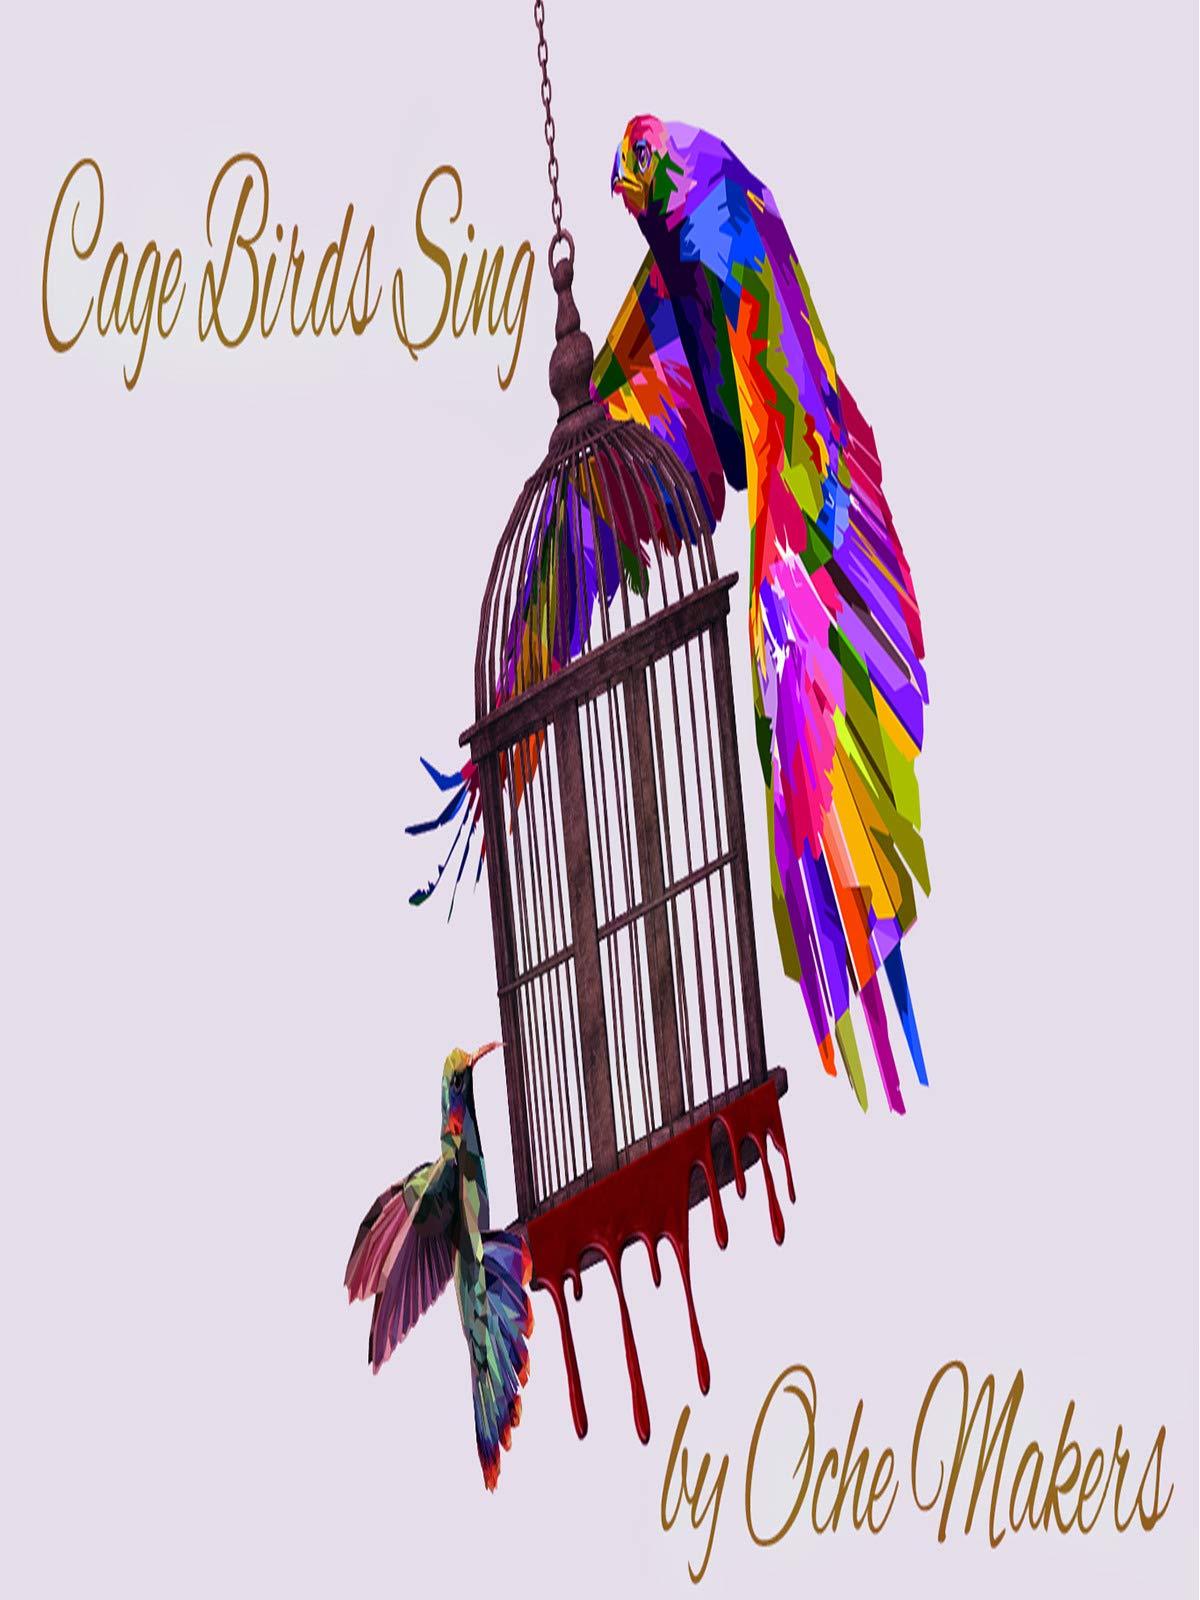 Cage Birds Sing